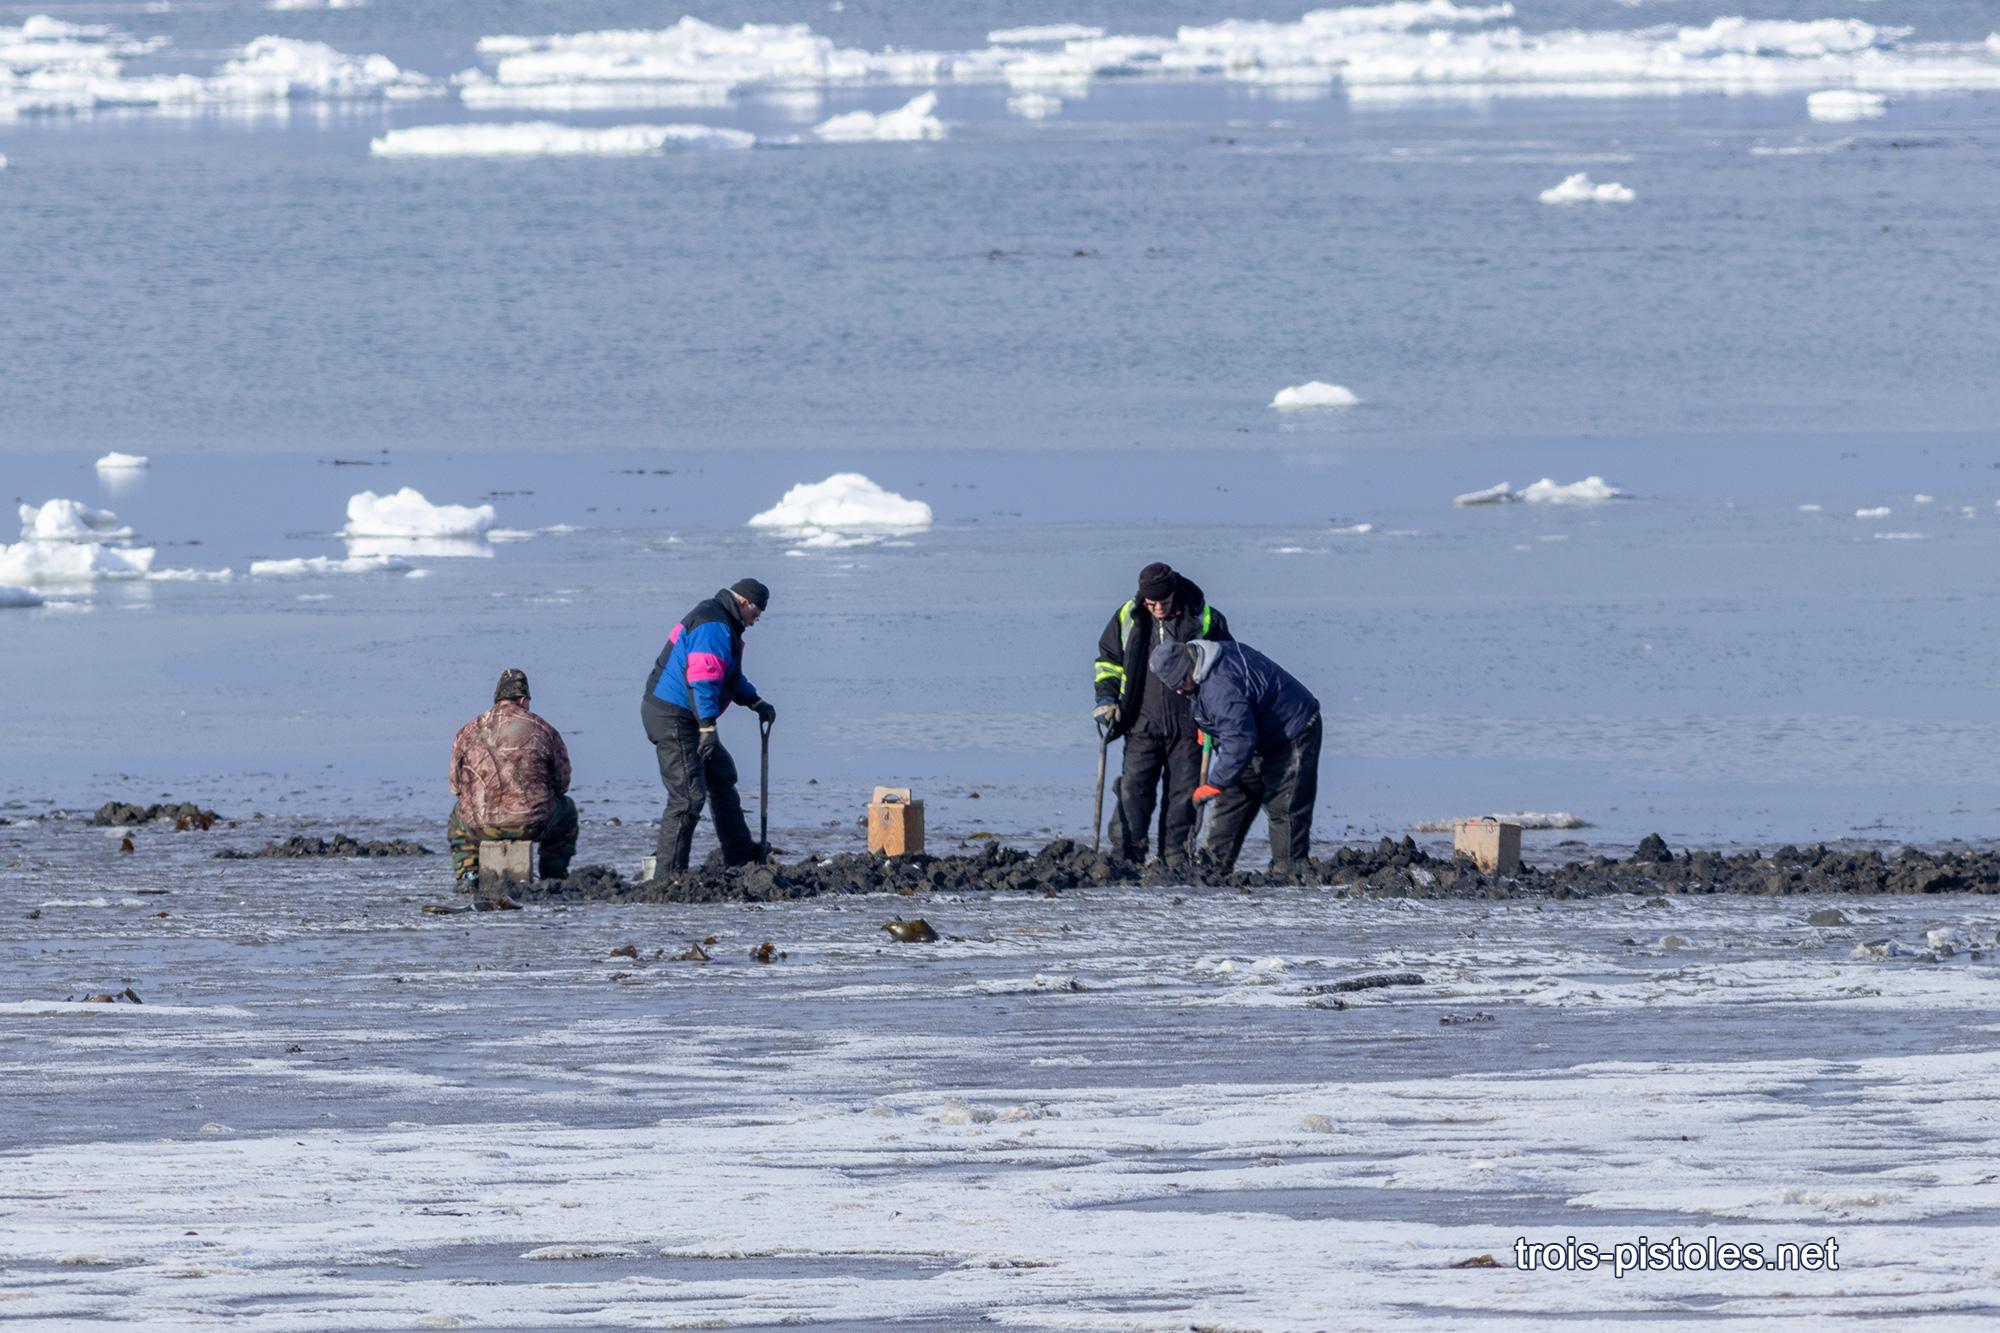 Trois-Pistoles 14 janvier 2020  Cueillette de mollusques sur la grève du havre près du quai.  Il s\'agit d\'une activité totalement inhabituelle en se temps-ci de l\'année puisque normalement il y a couvert de glace sur les berges.